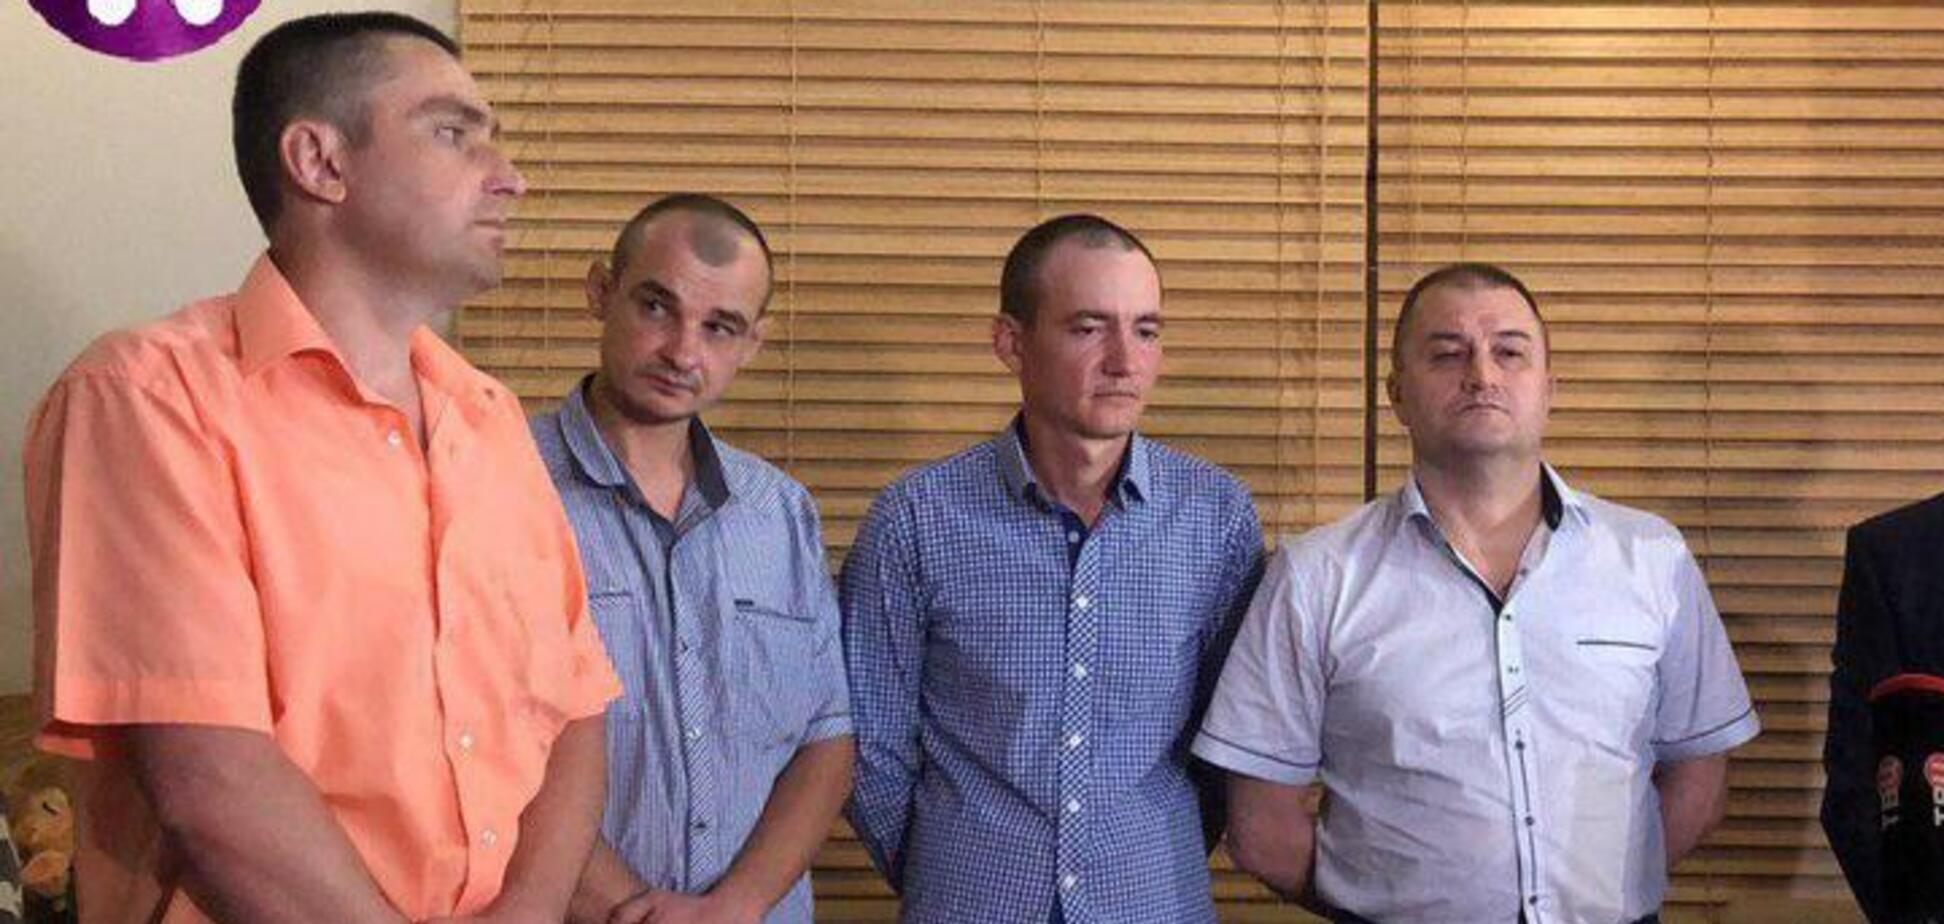 Из плена террористов 'Л/ДНР' освободили четверых бойцов ВСУ: они прибыли в Киев